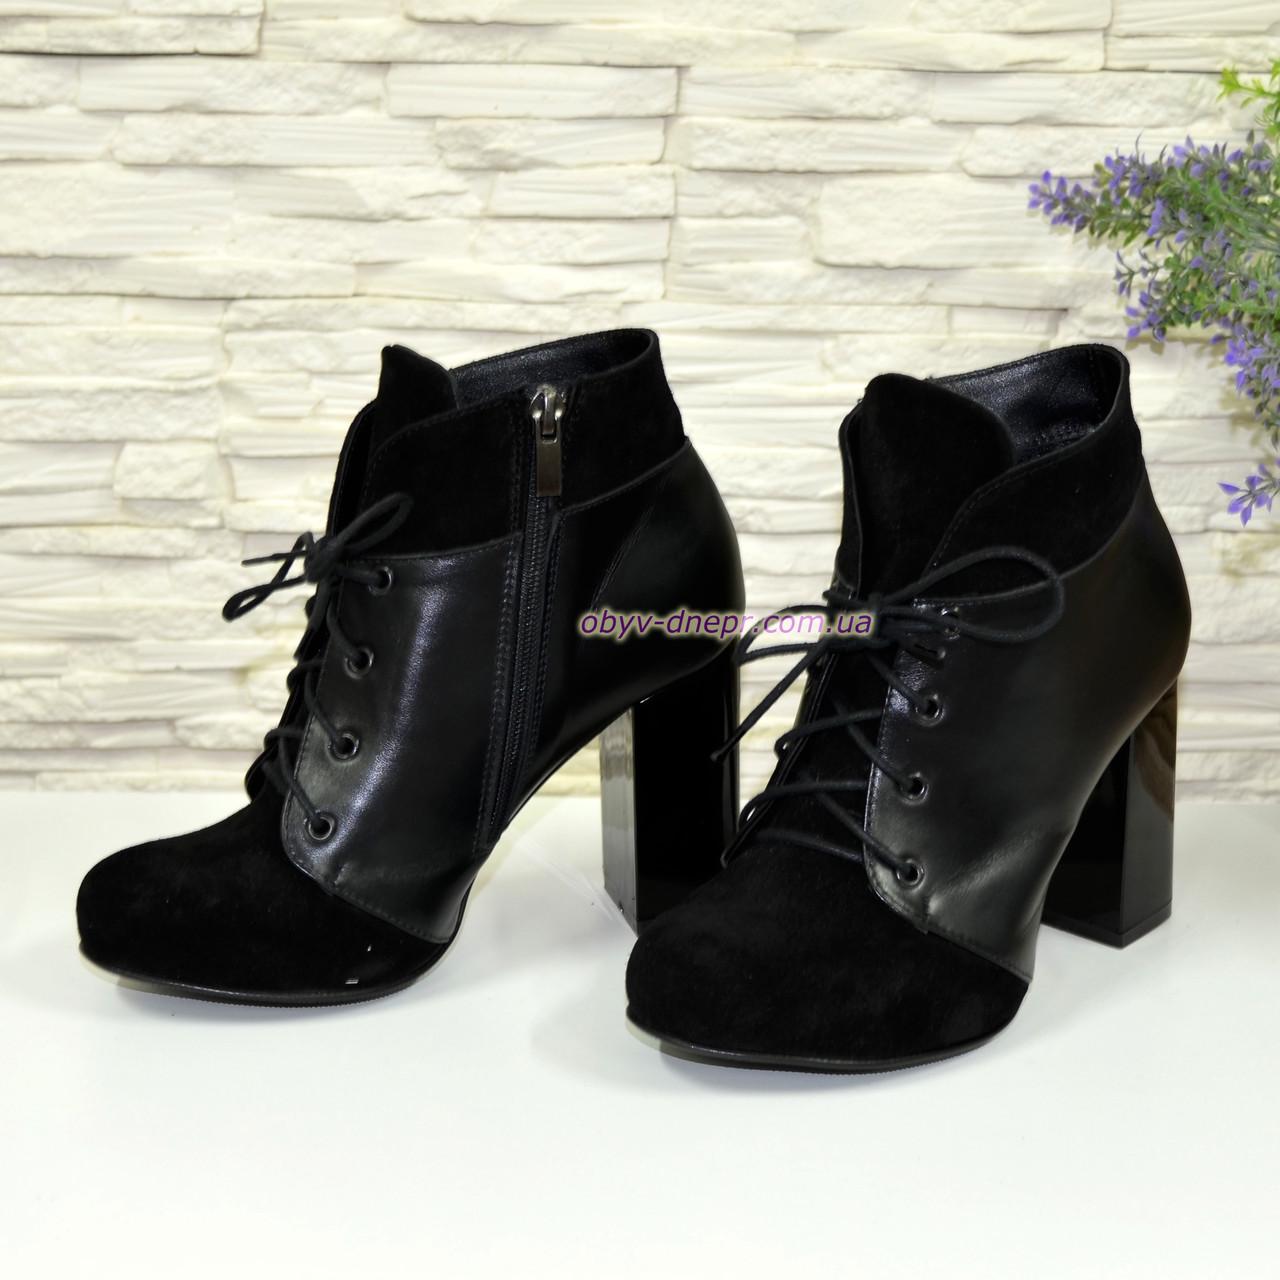 01685cd272c5 Ботинки зимние женские на устойчивом каблуке, натуральная кожа и замша. 38  размер